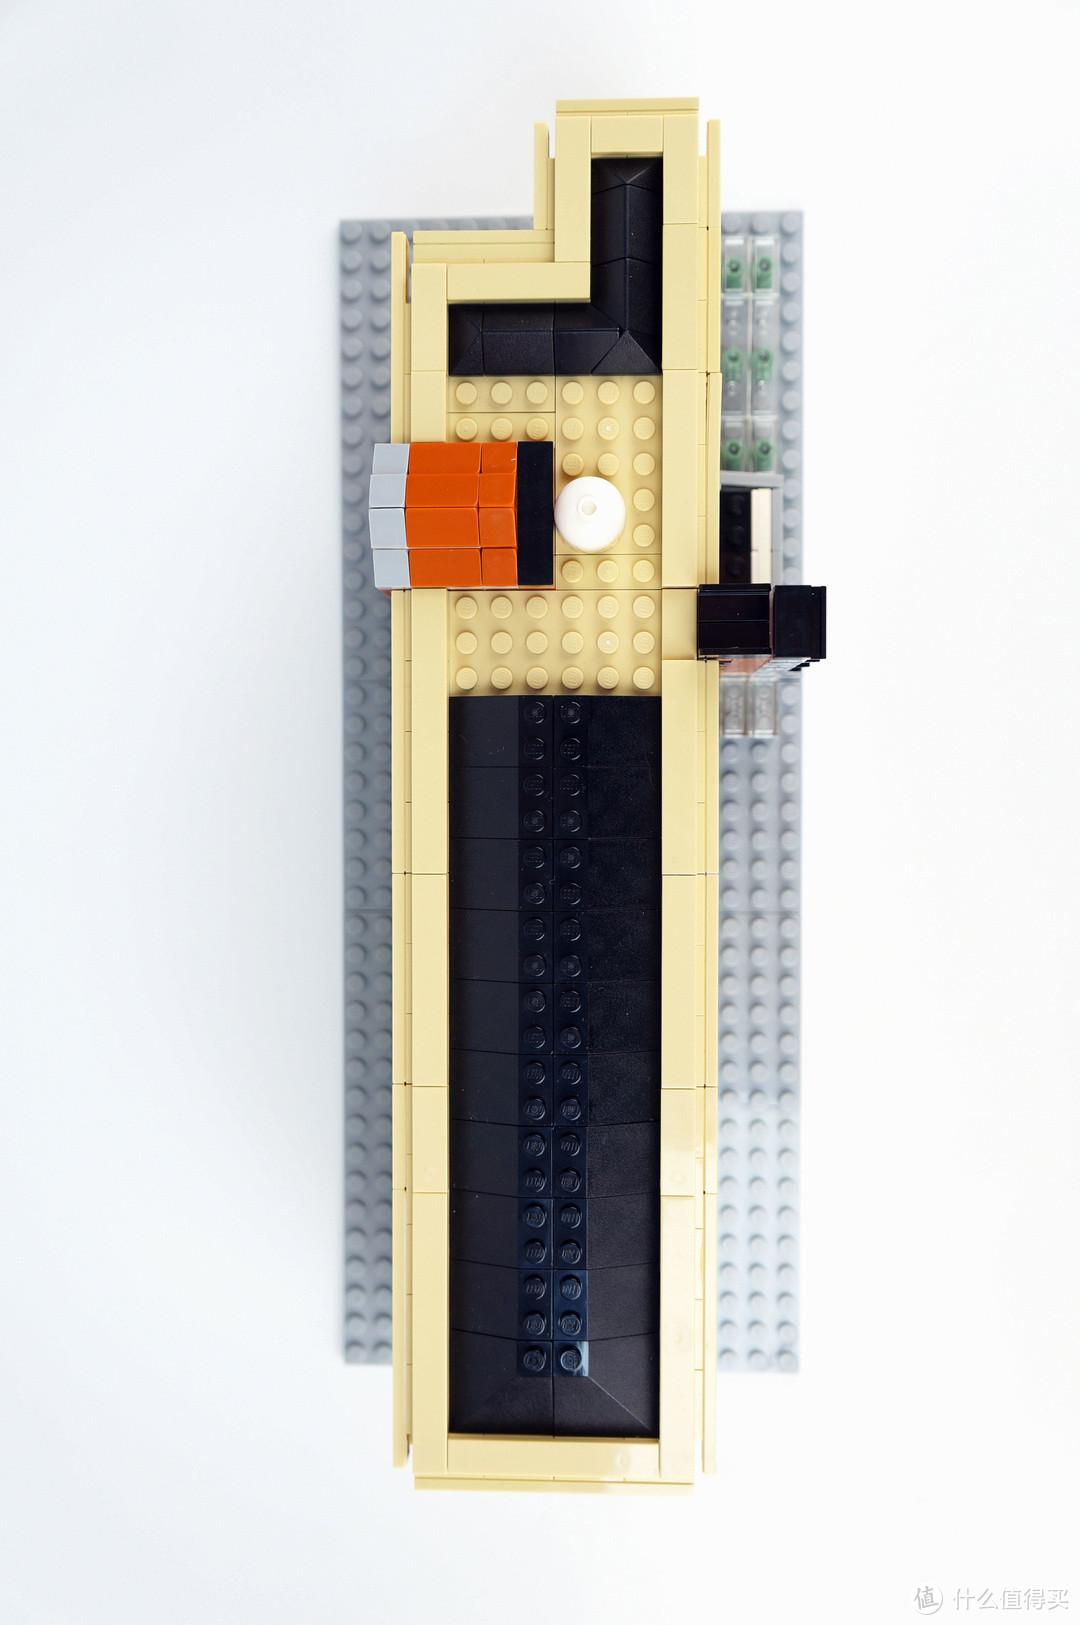 小而像是迷你积木模型设计的核心竞争力